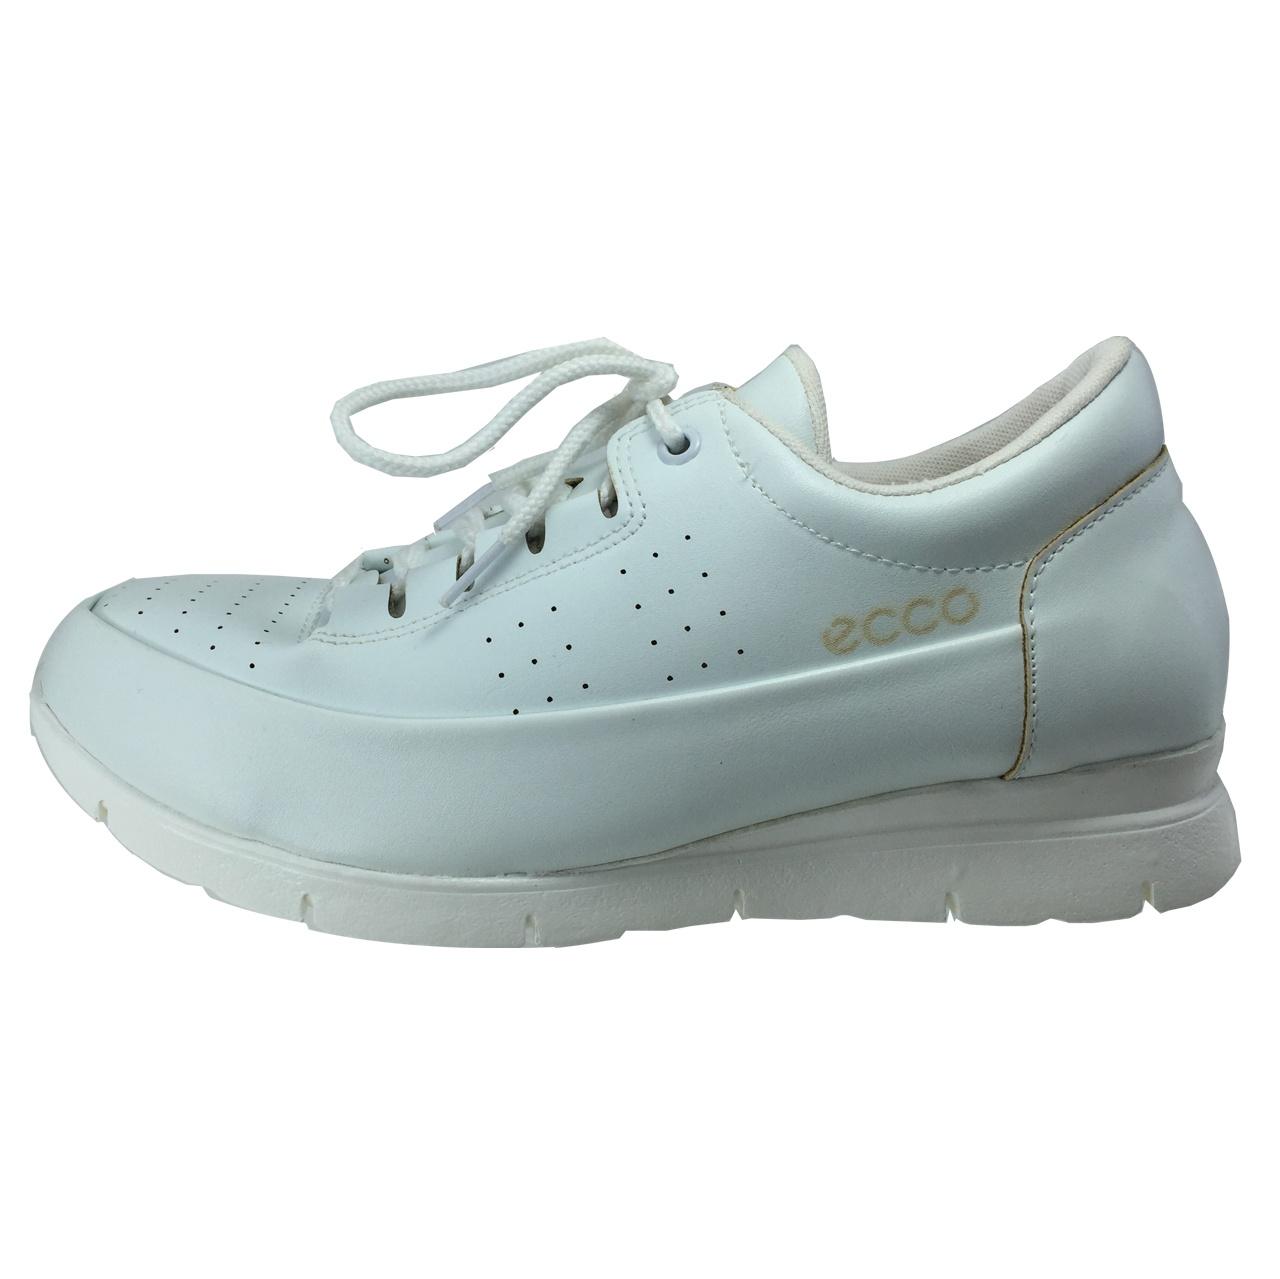 کفش زنانه مدل B127 رنگ سفید